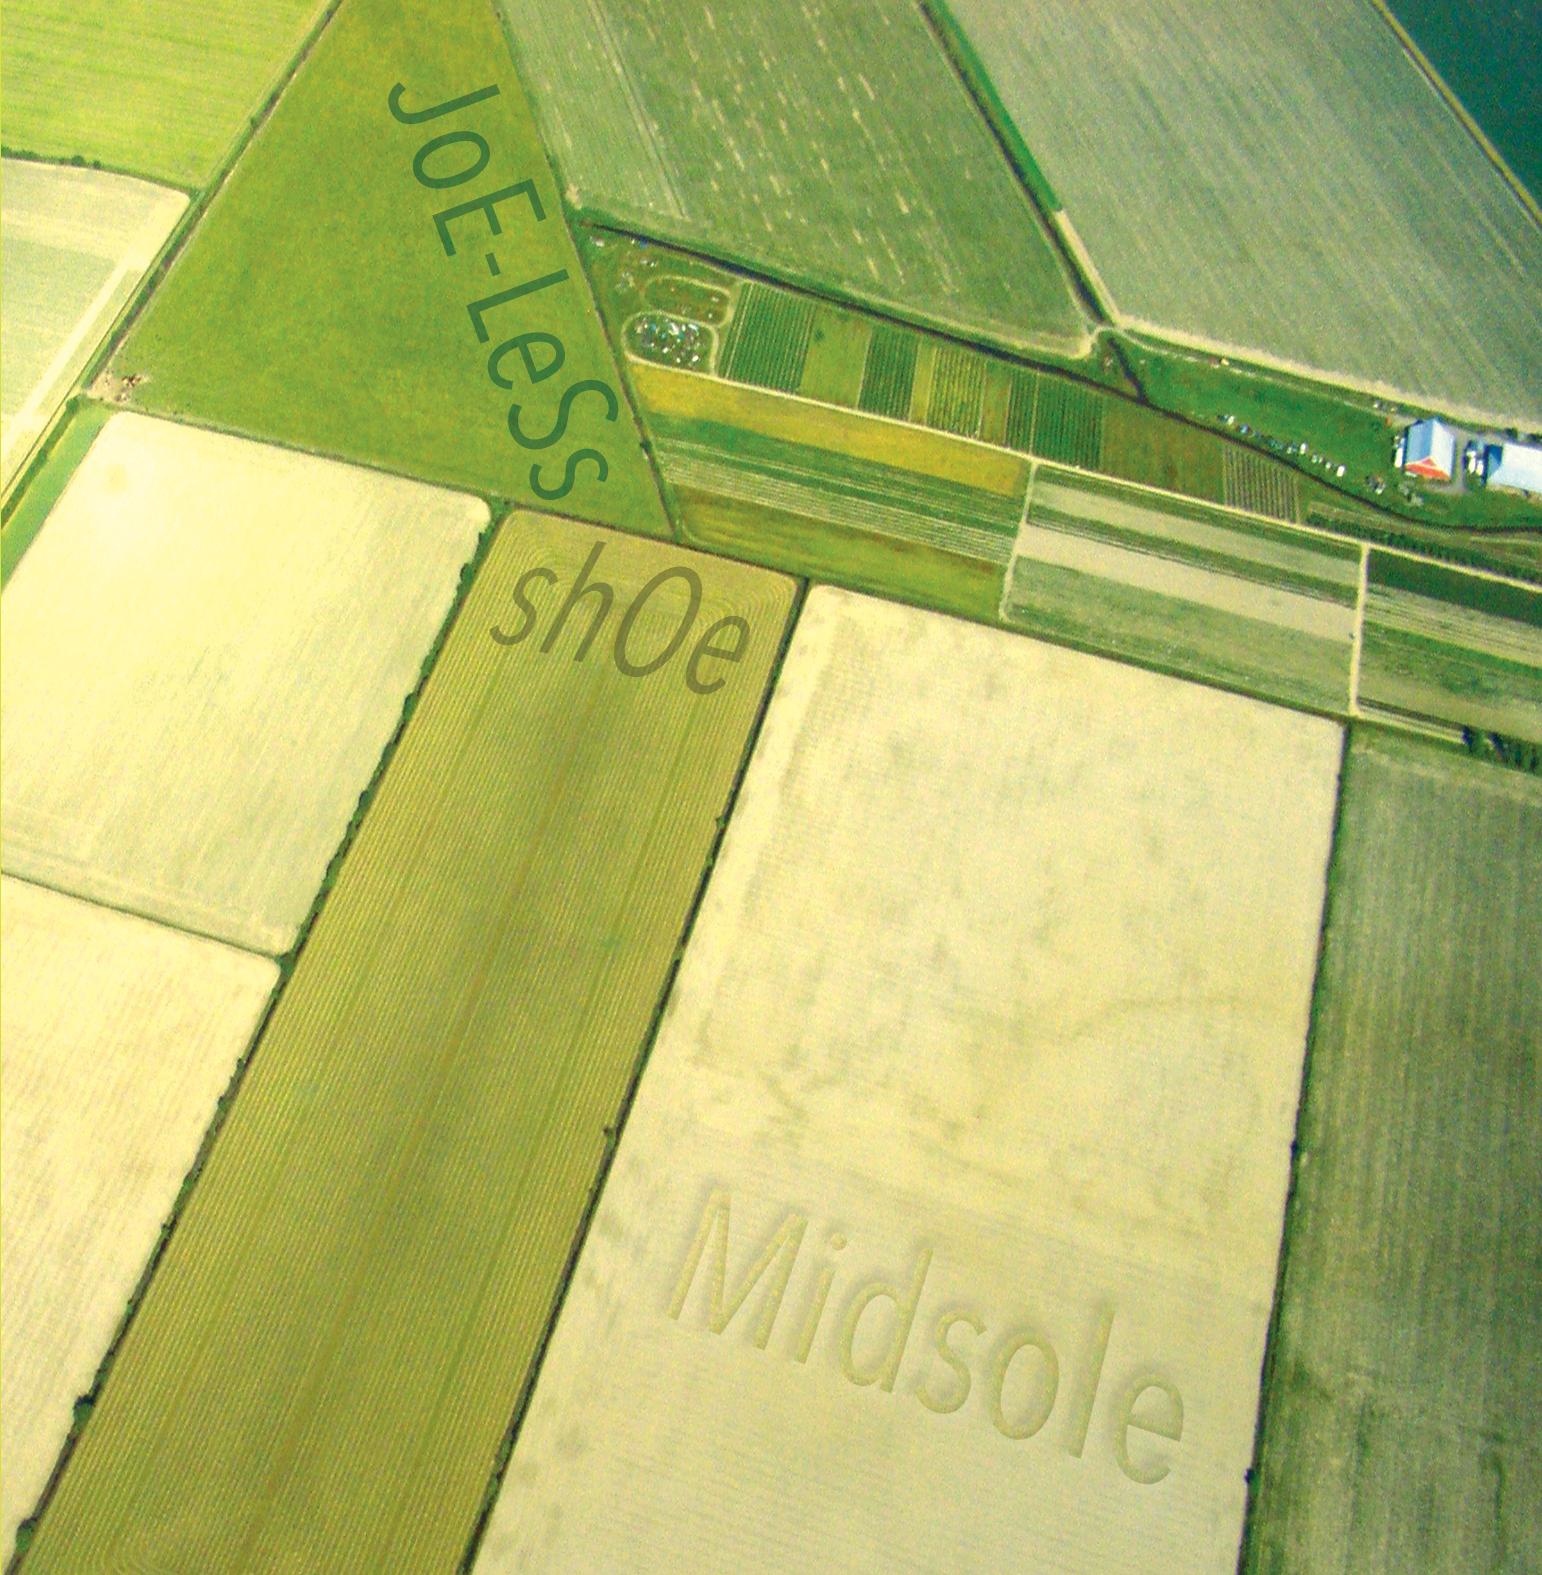 Midsole